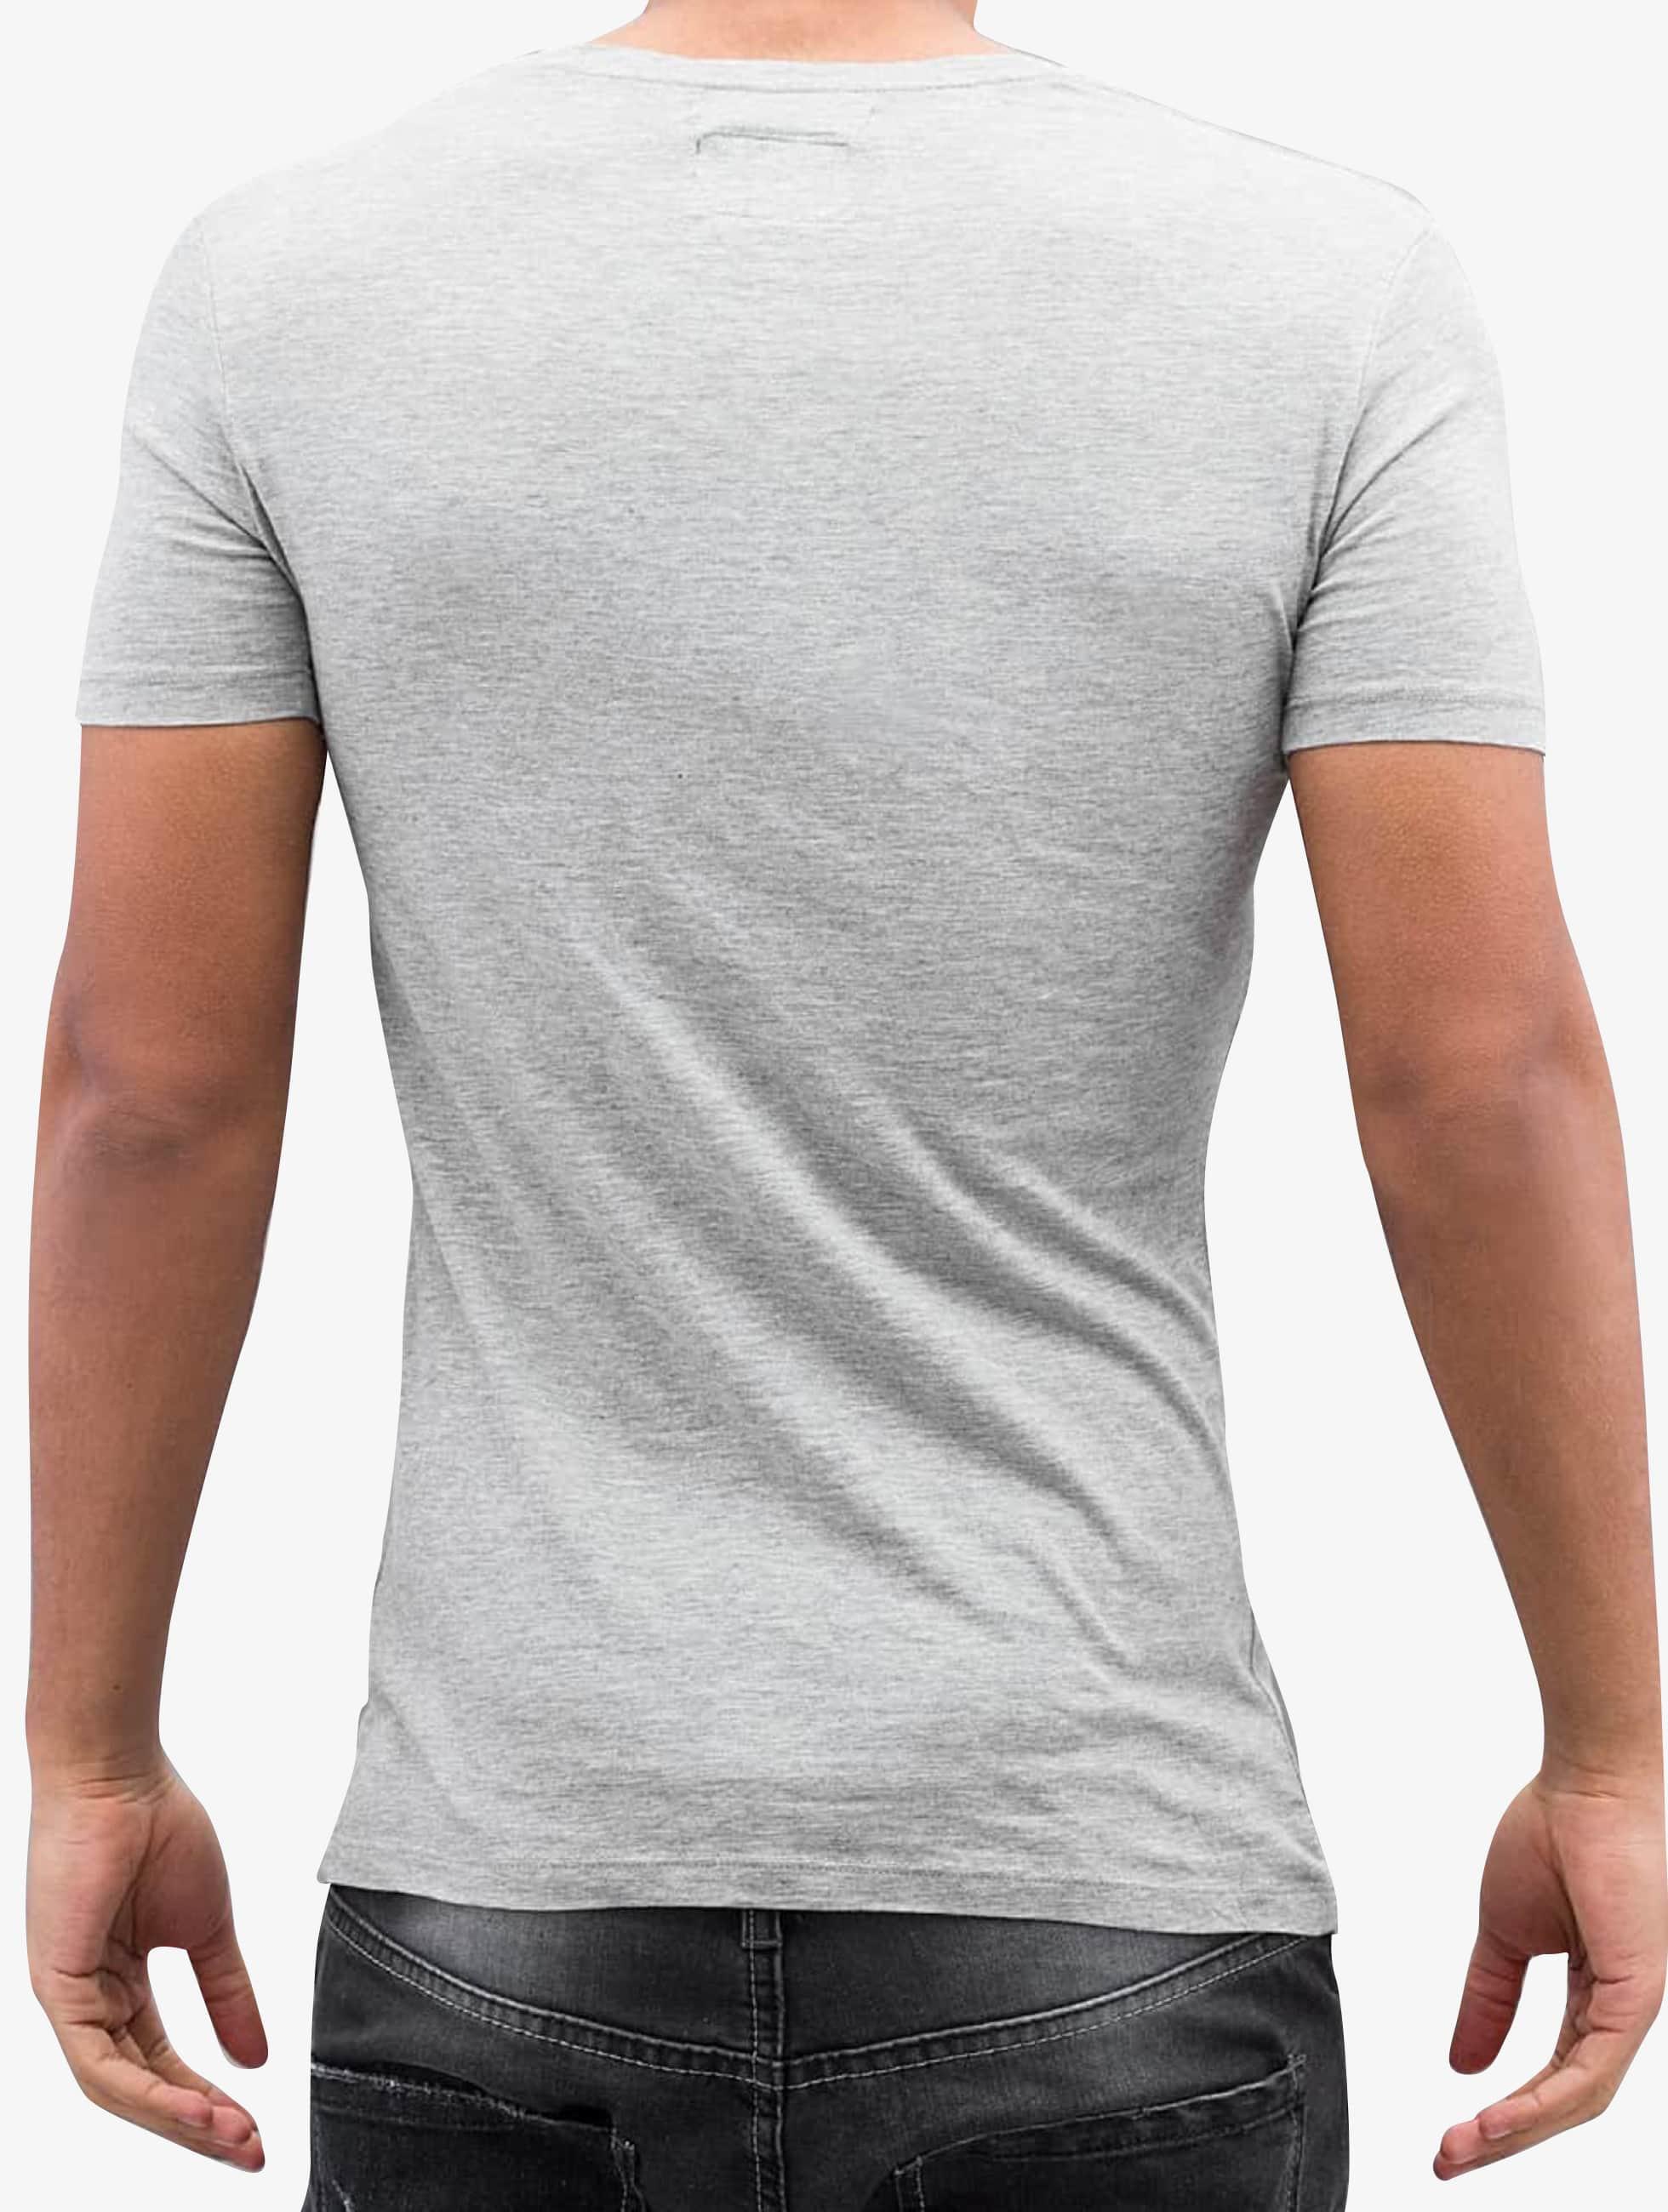 Amsterdenim Camiseta Aad gris